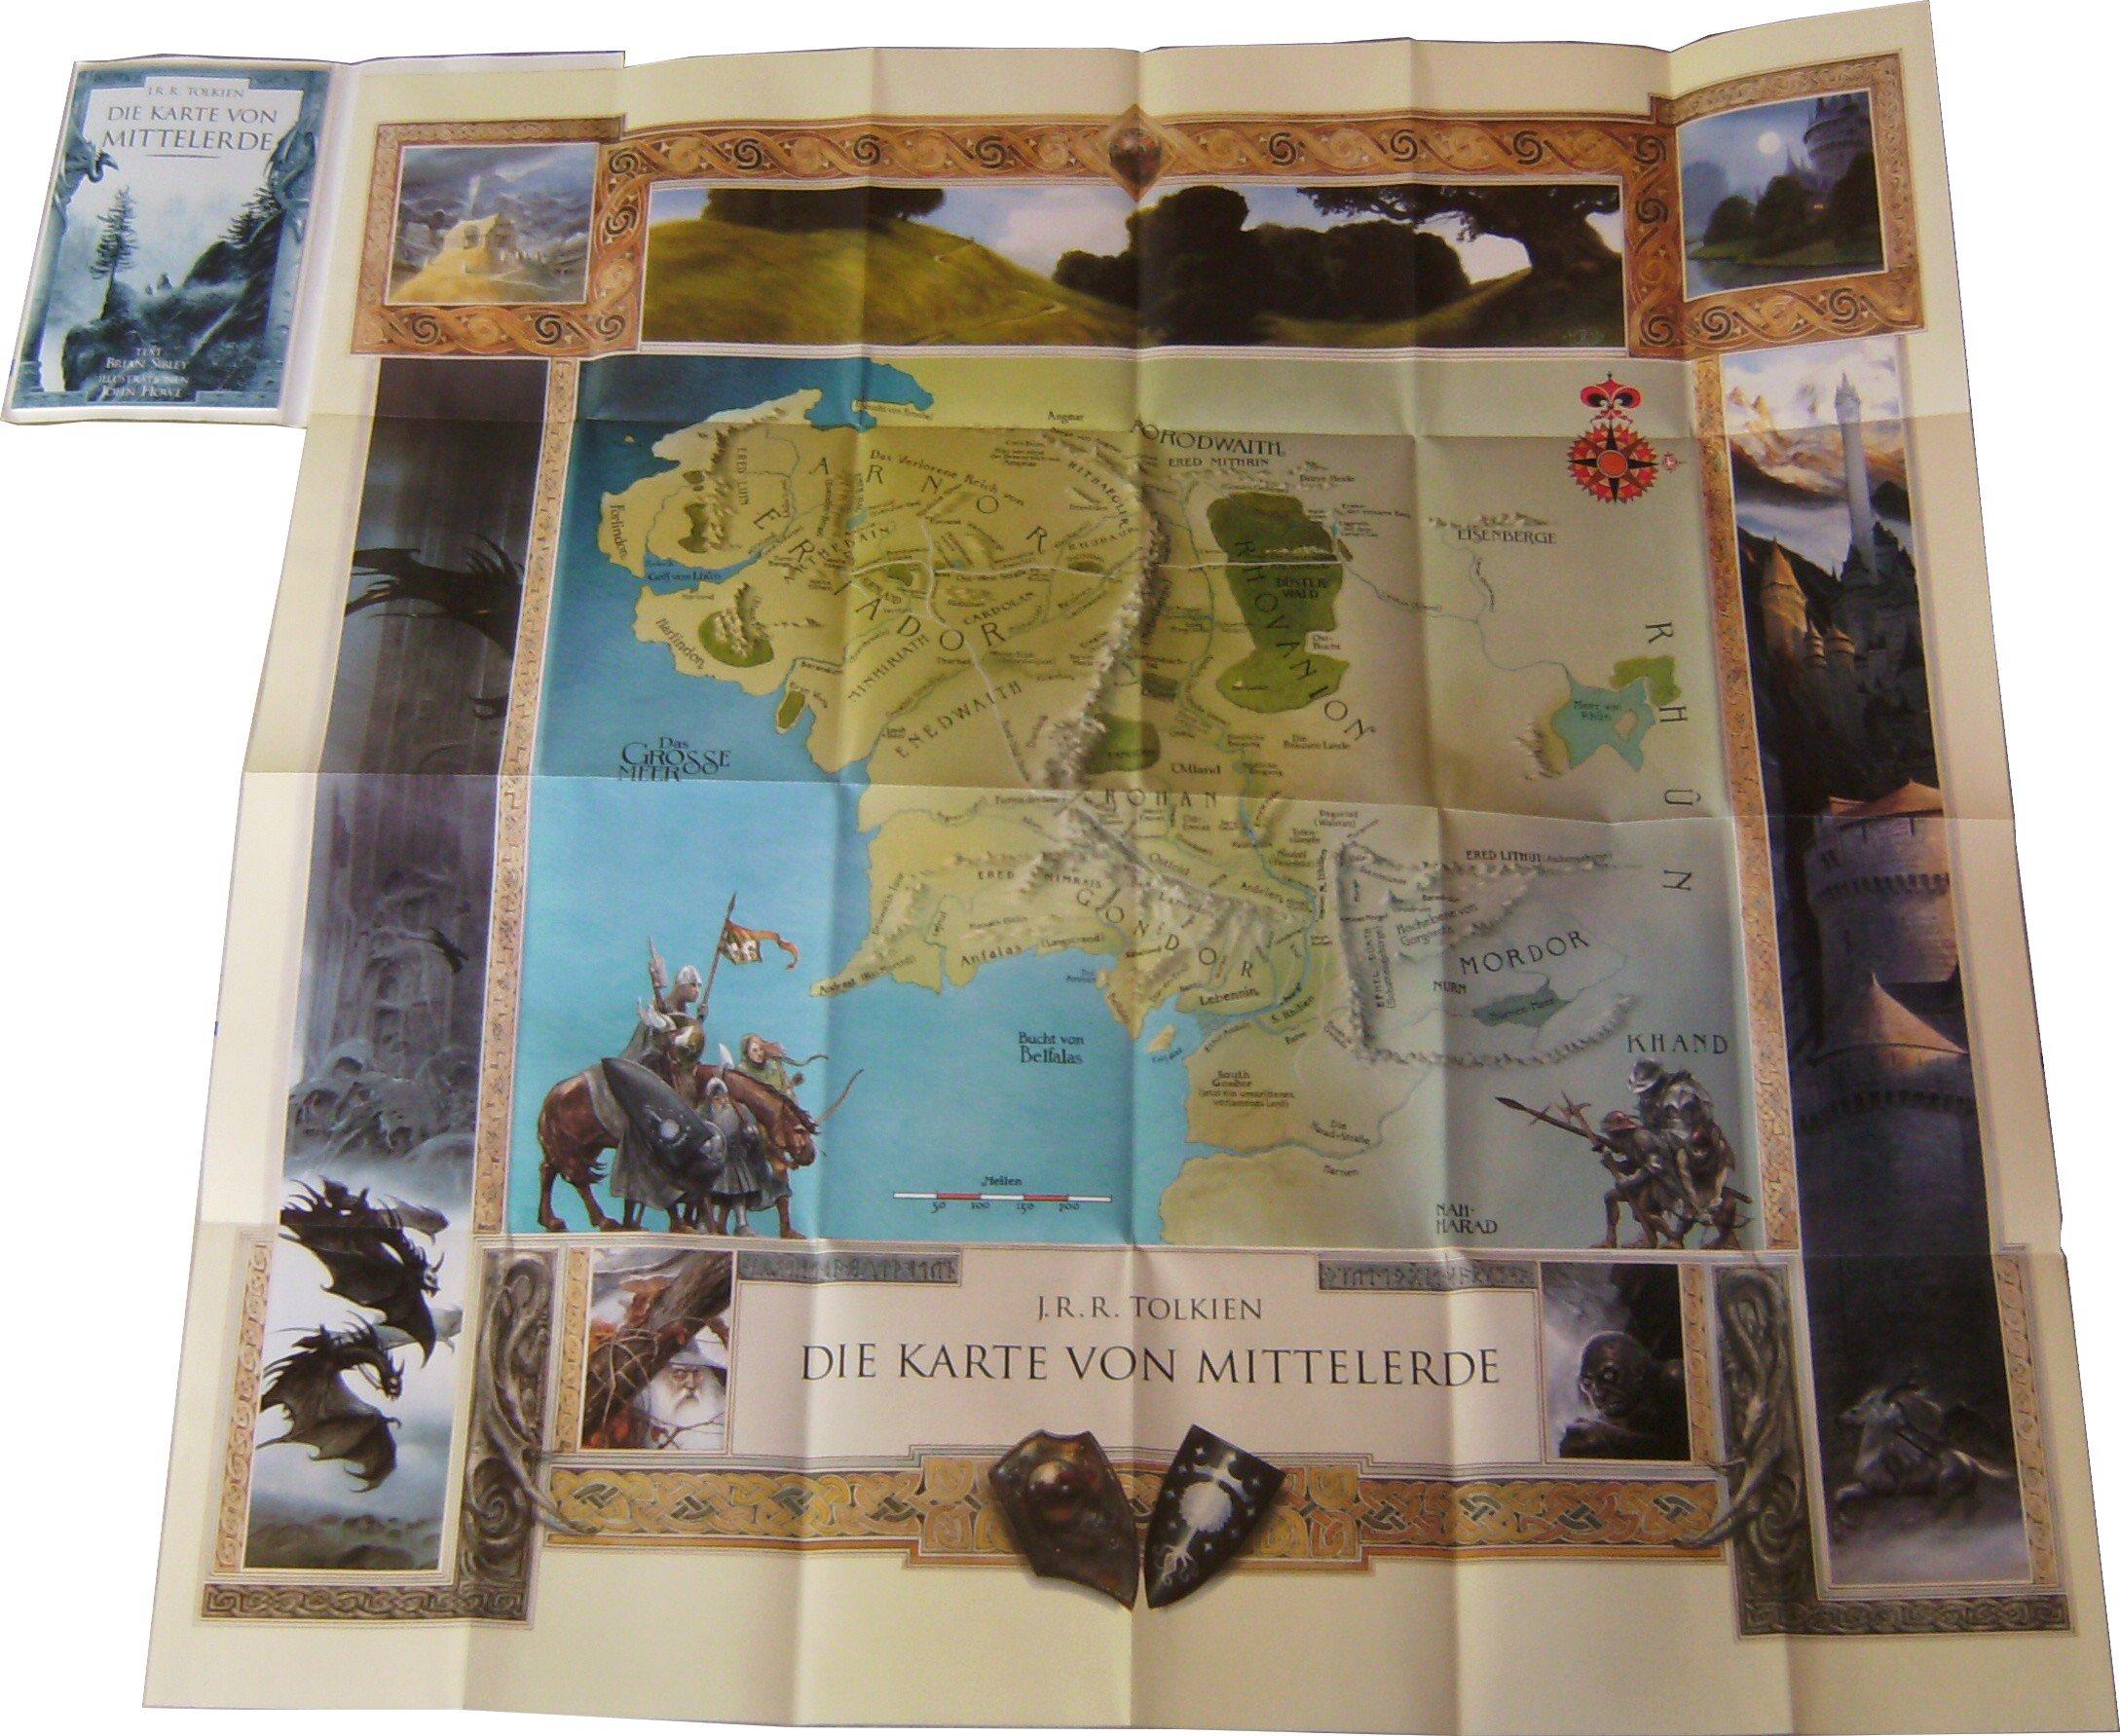 Mittelerde Karte 4k.Die Karte Von Mittelerde Amazon De John R R Tolkien